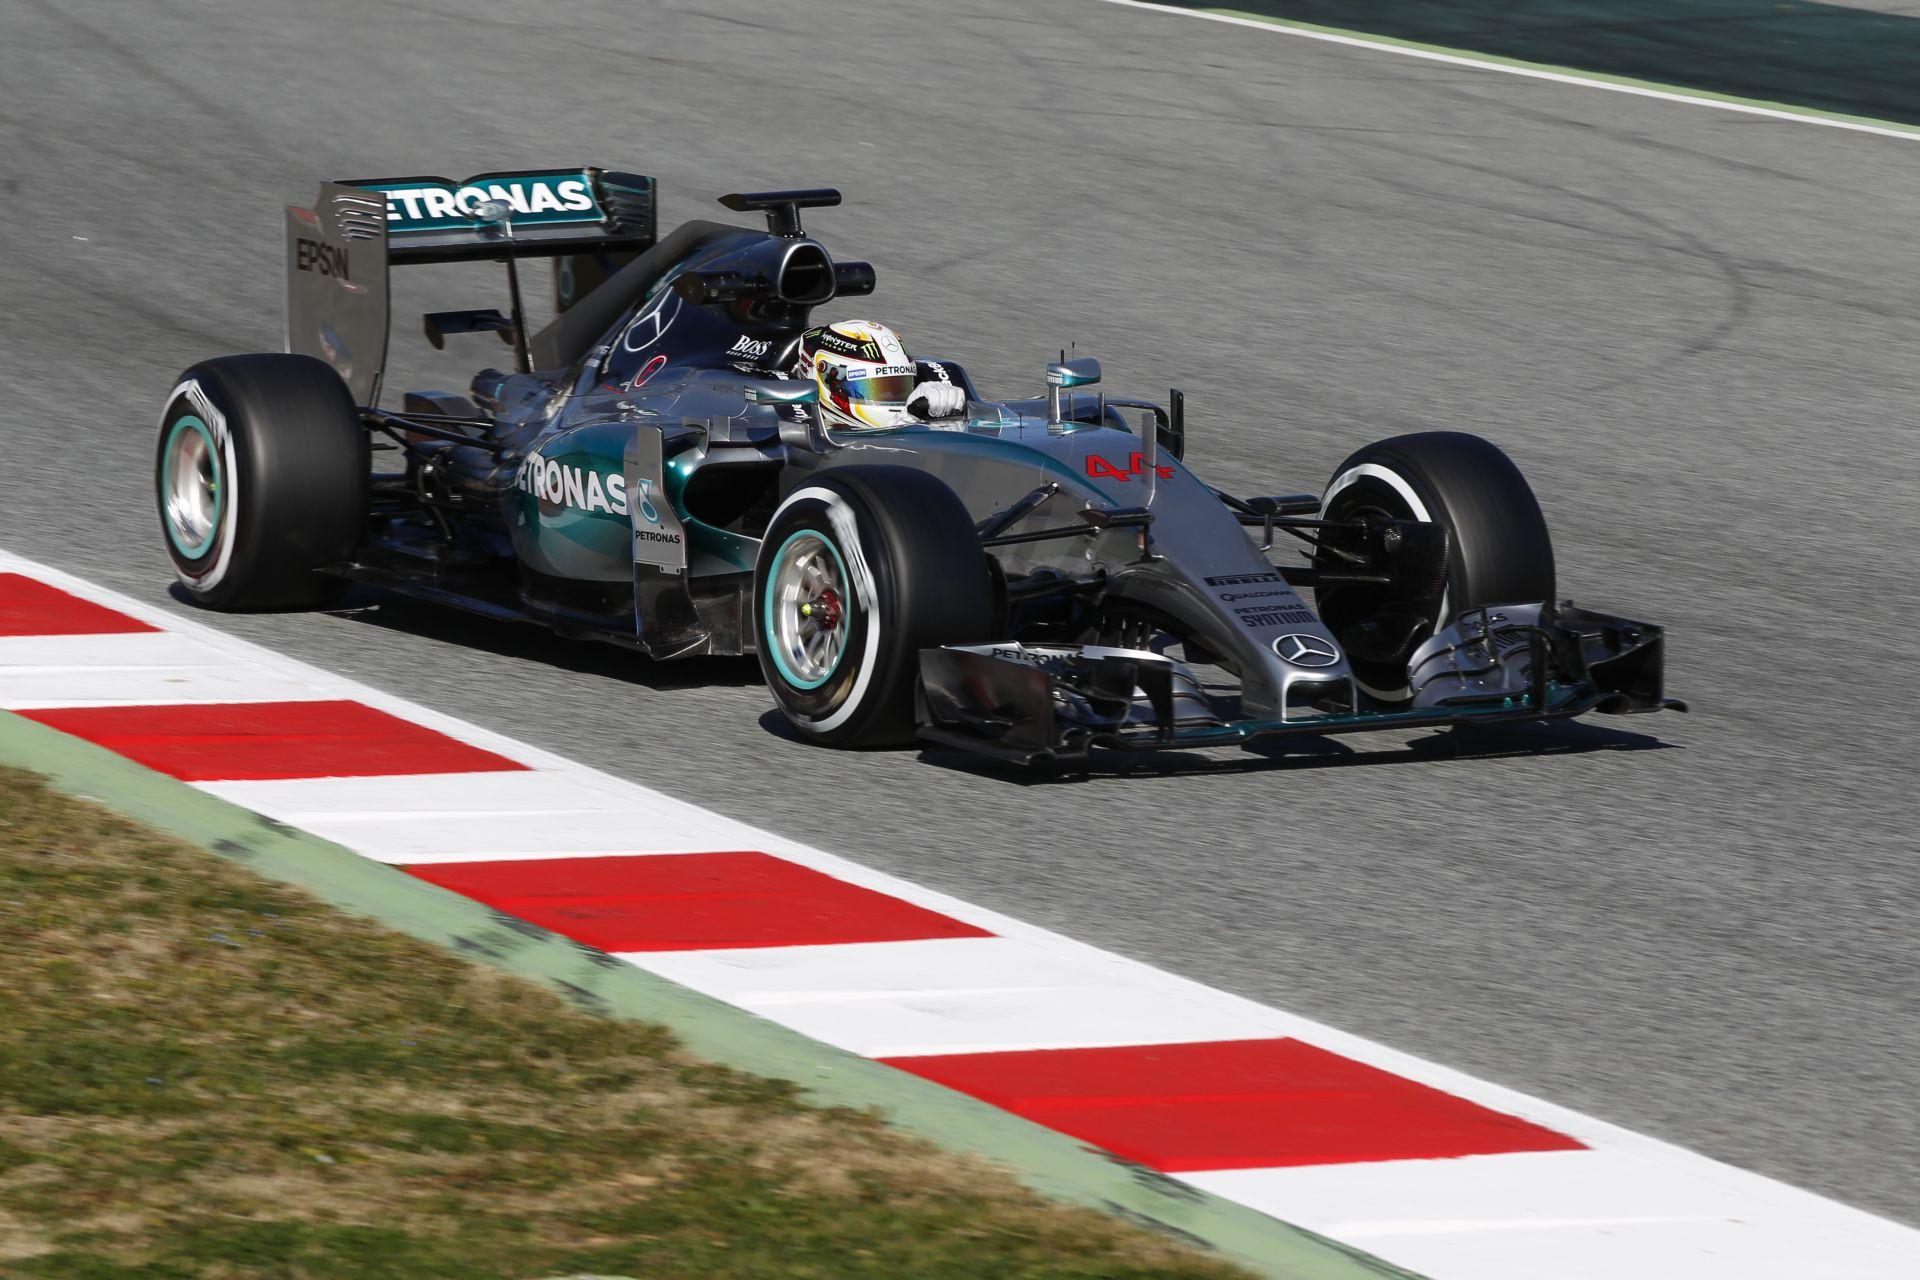 Hamilton biztosan a Mercedes versenyzője marad